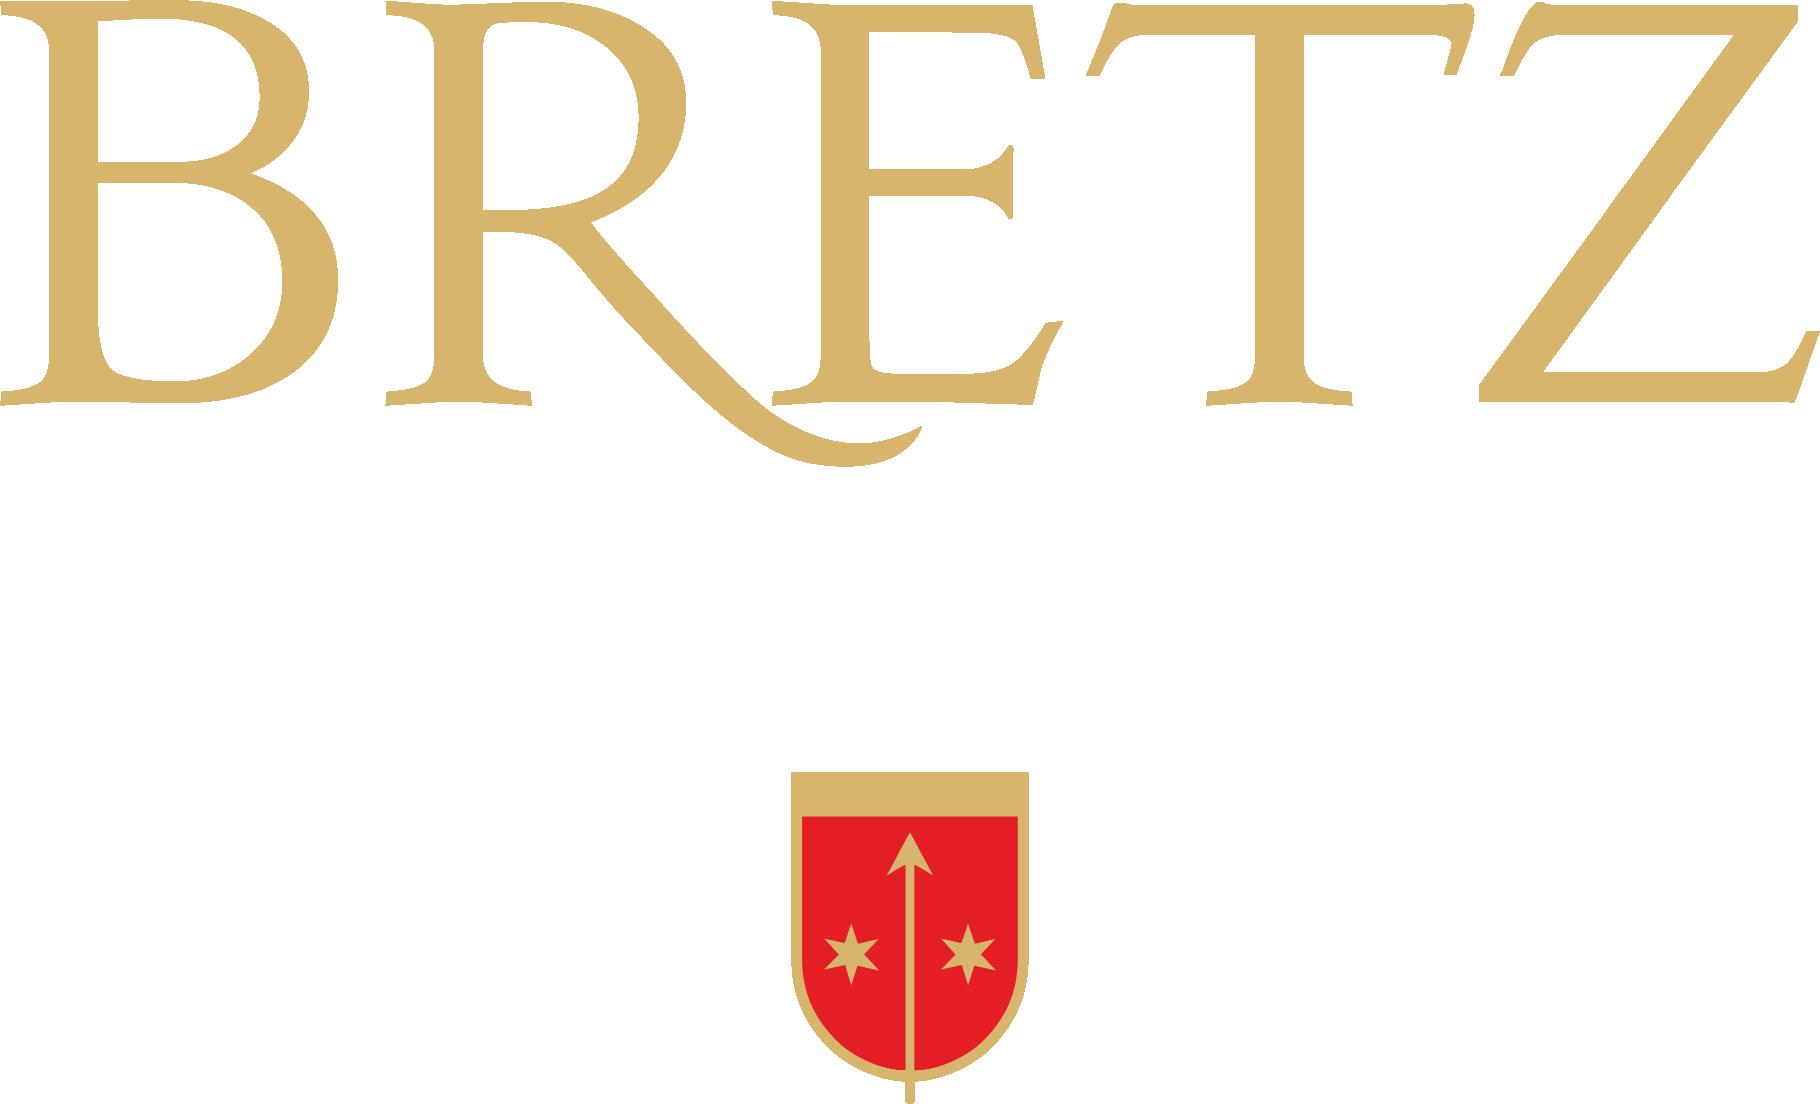 Bretz (Rheinhessen)